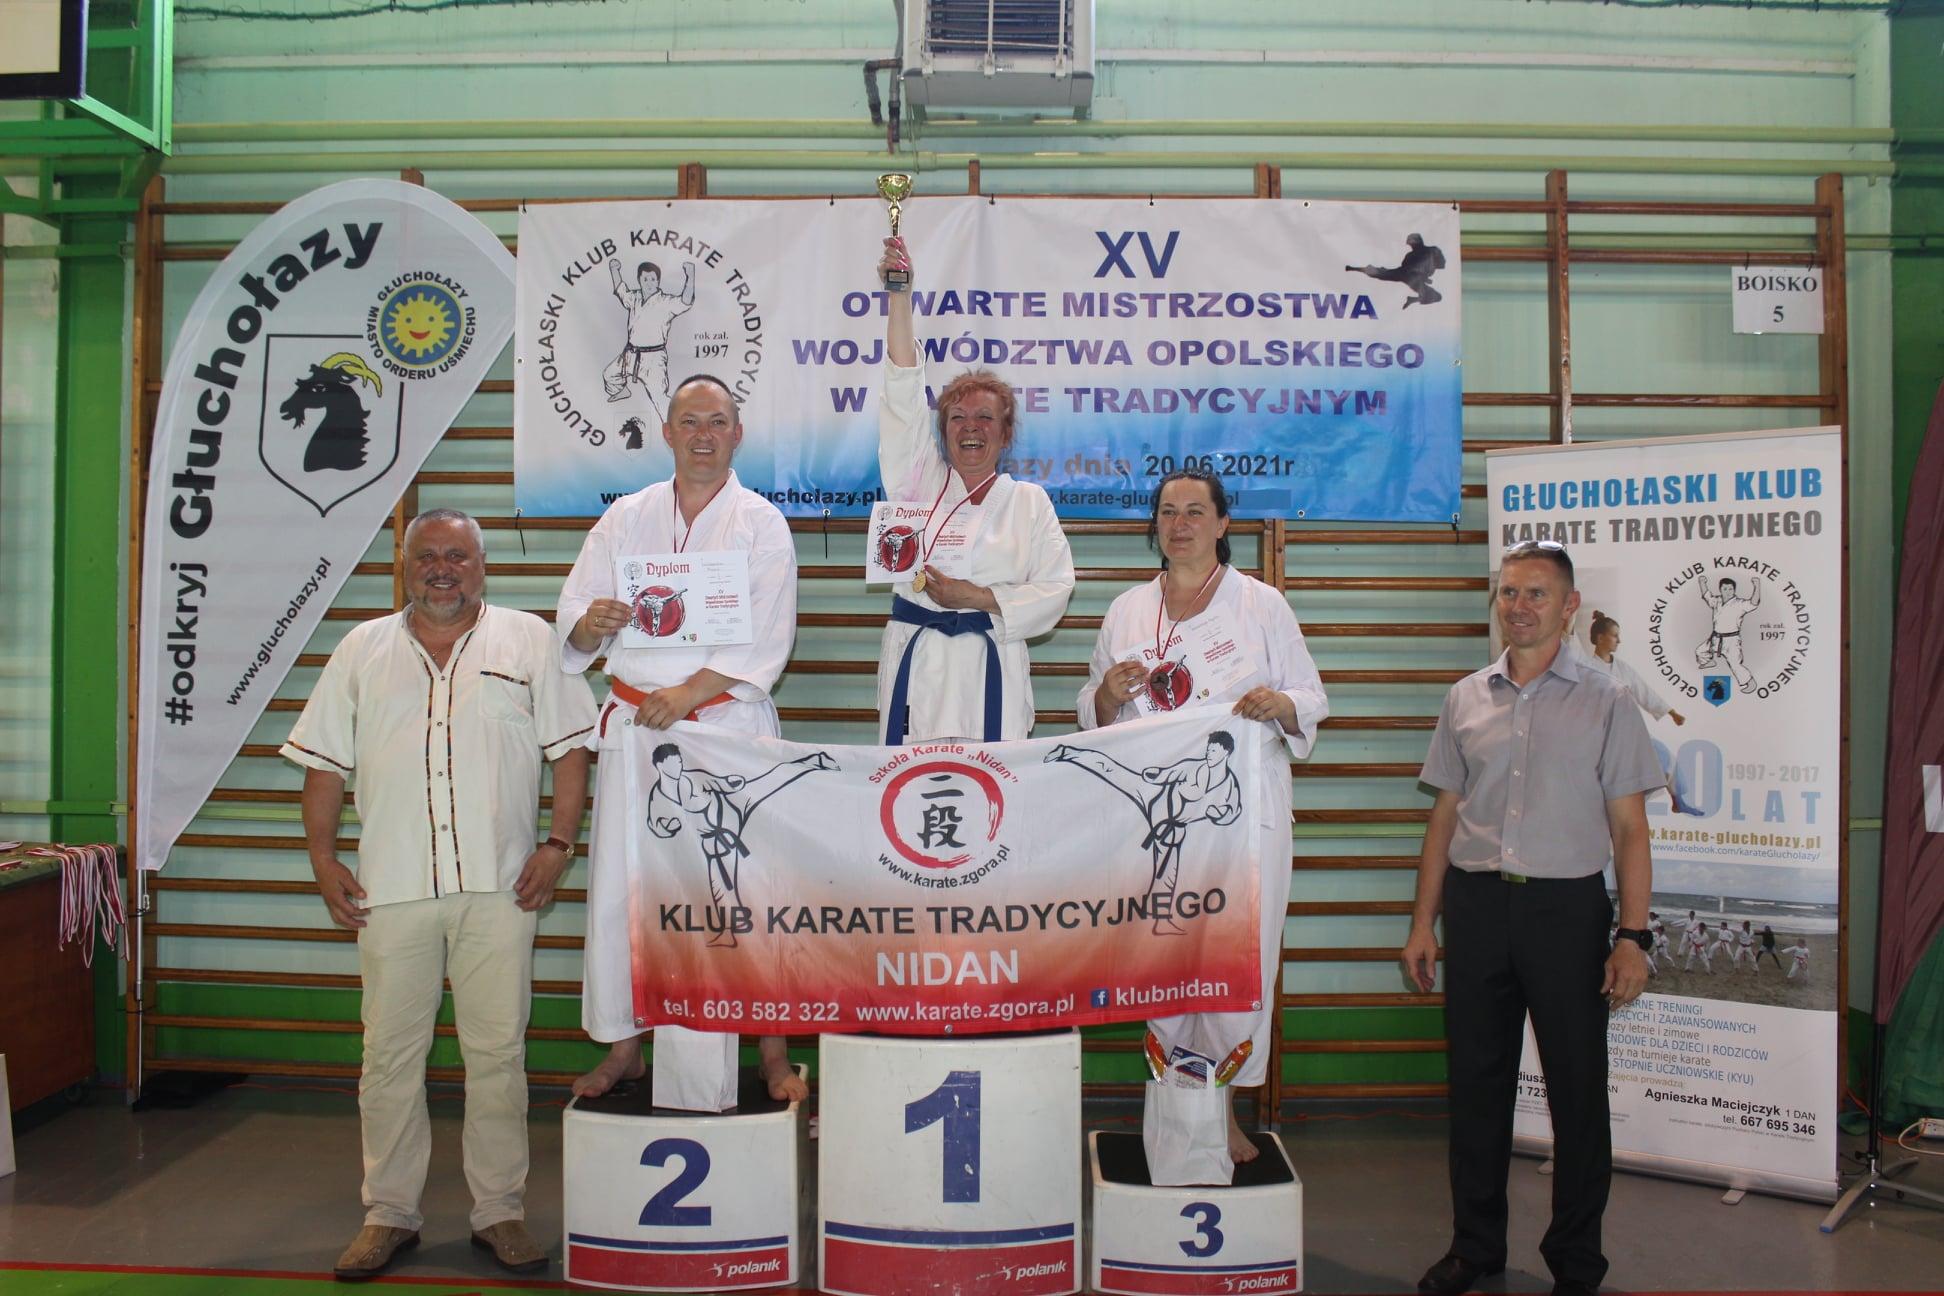 Kolejny sportowy weekend karate